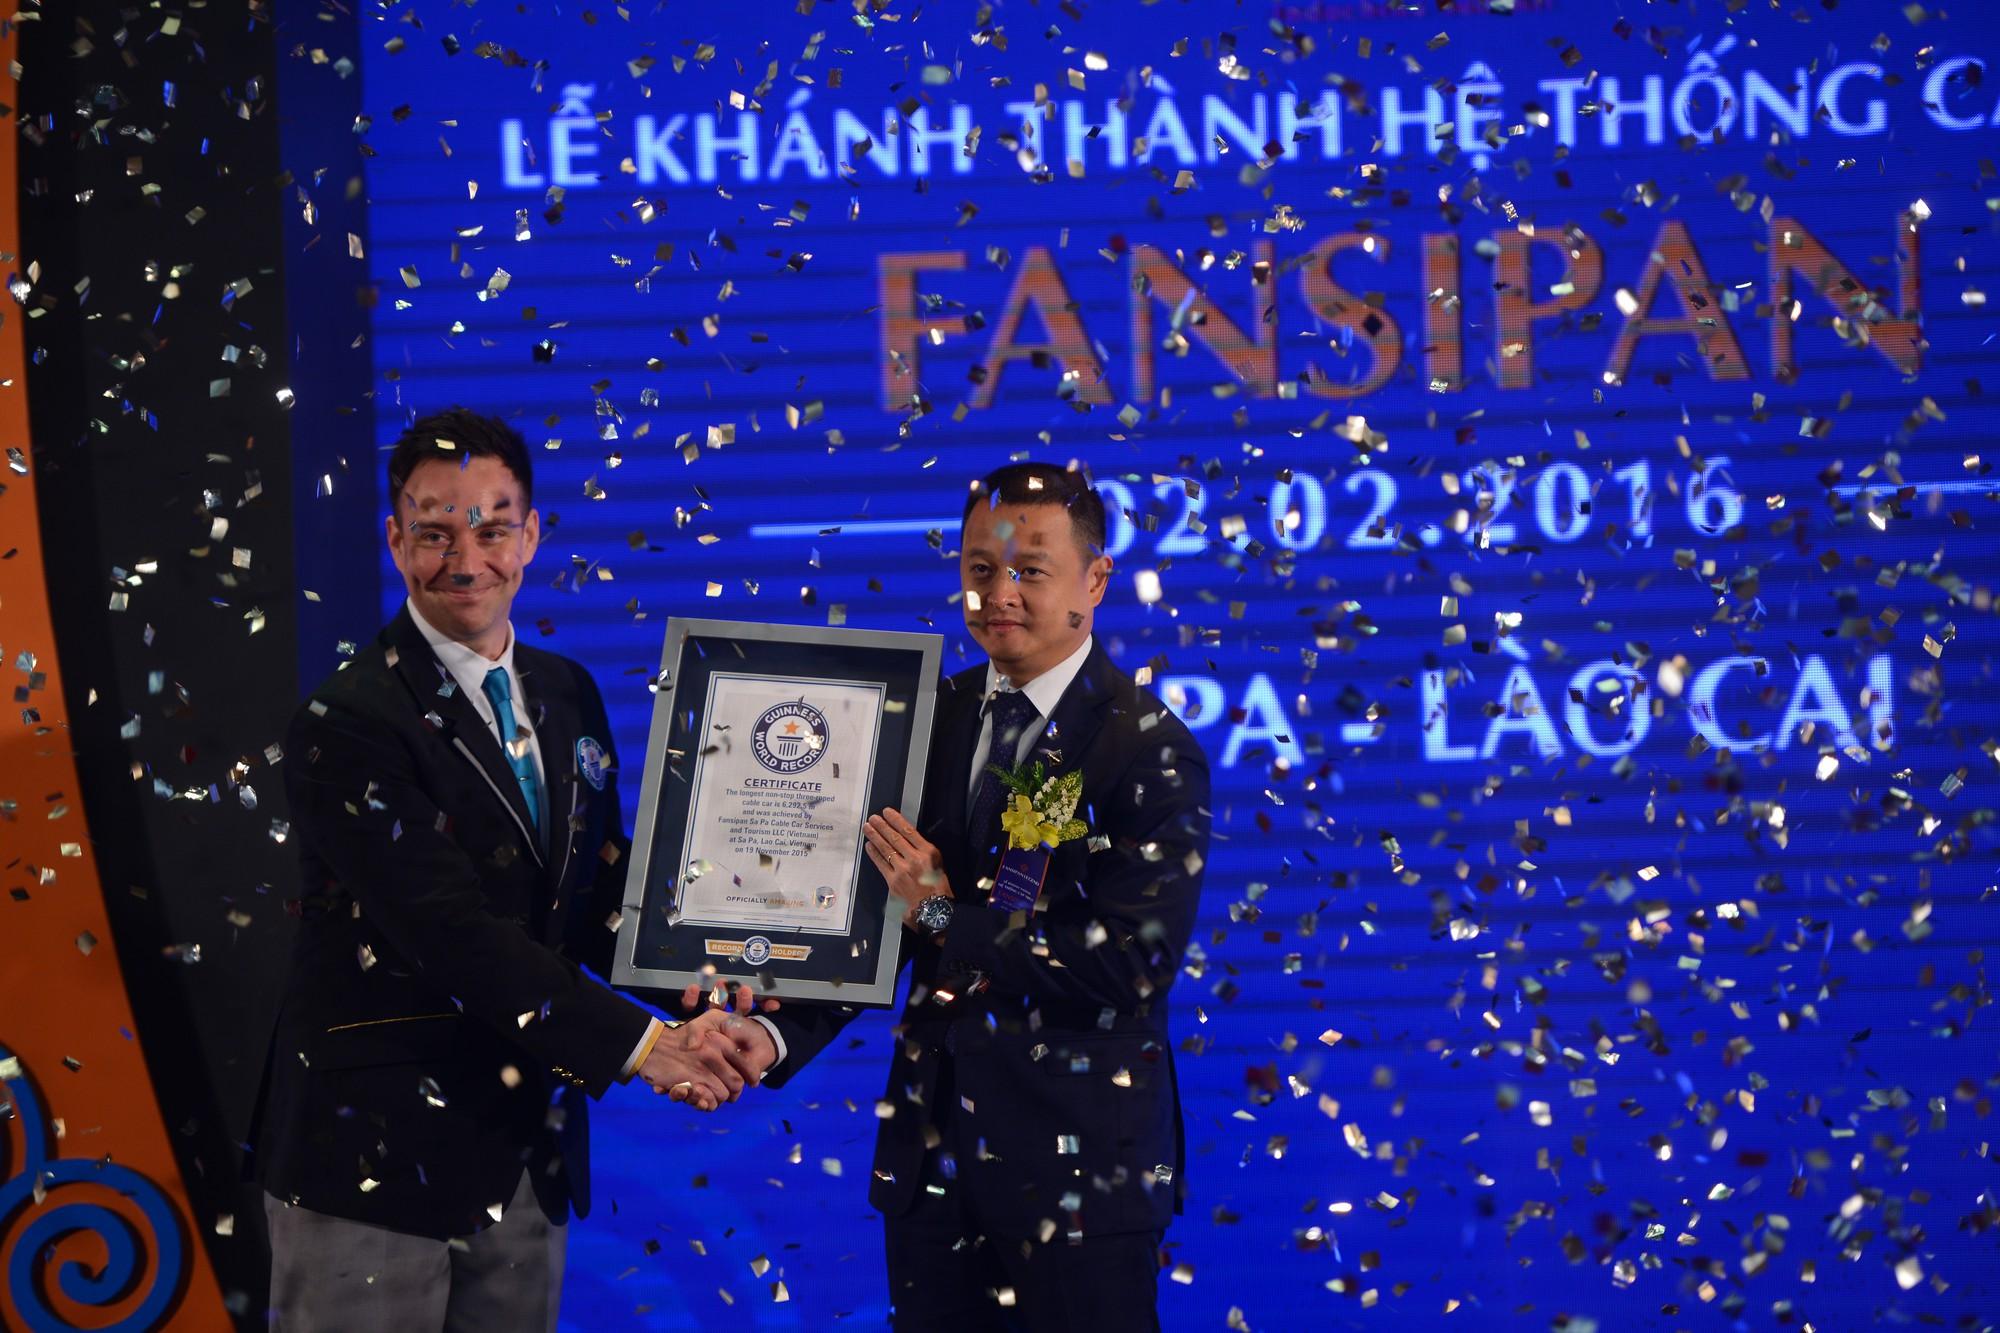 Tổ chức kỷ lục Guinness thế giới trao chứng nhận kỷ lục cho cáp treo Fansipan SaPa